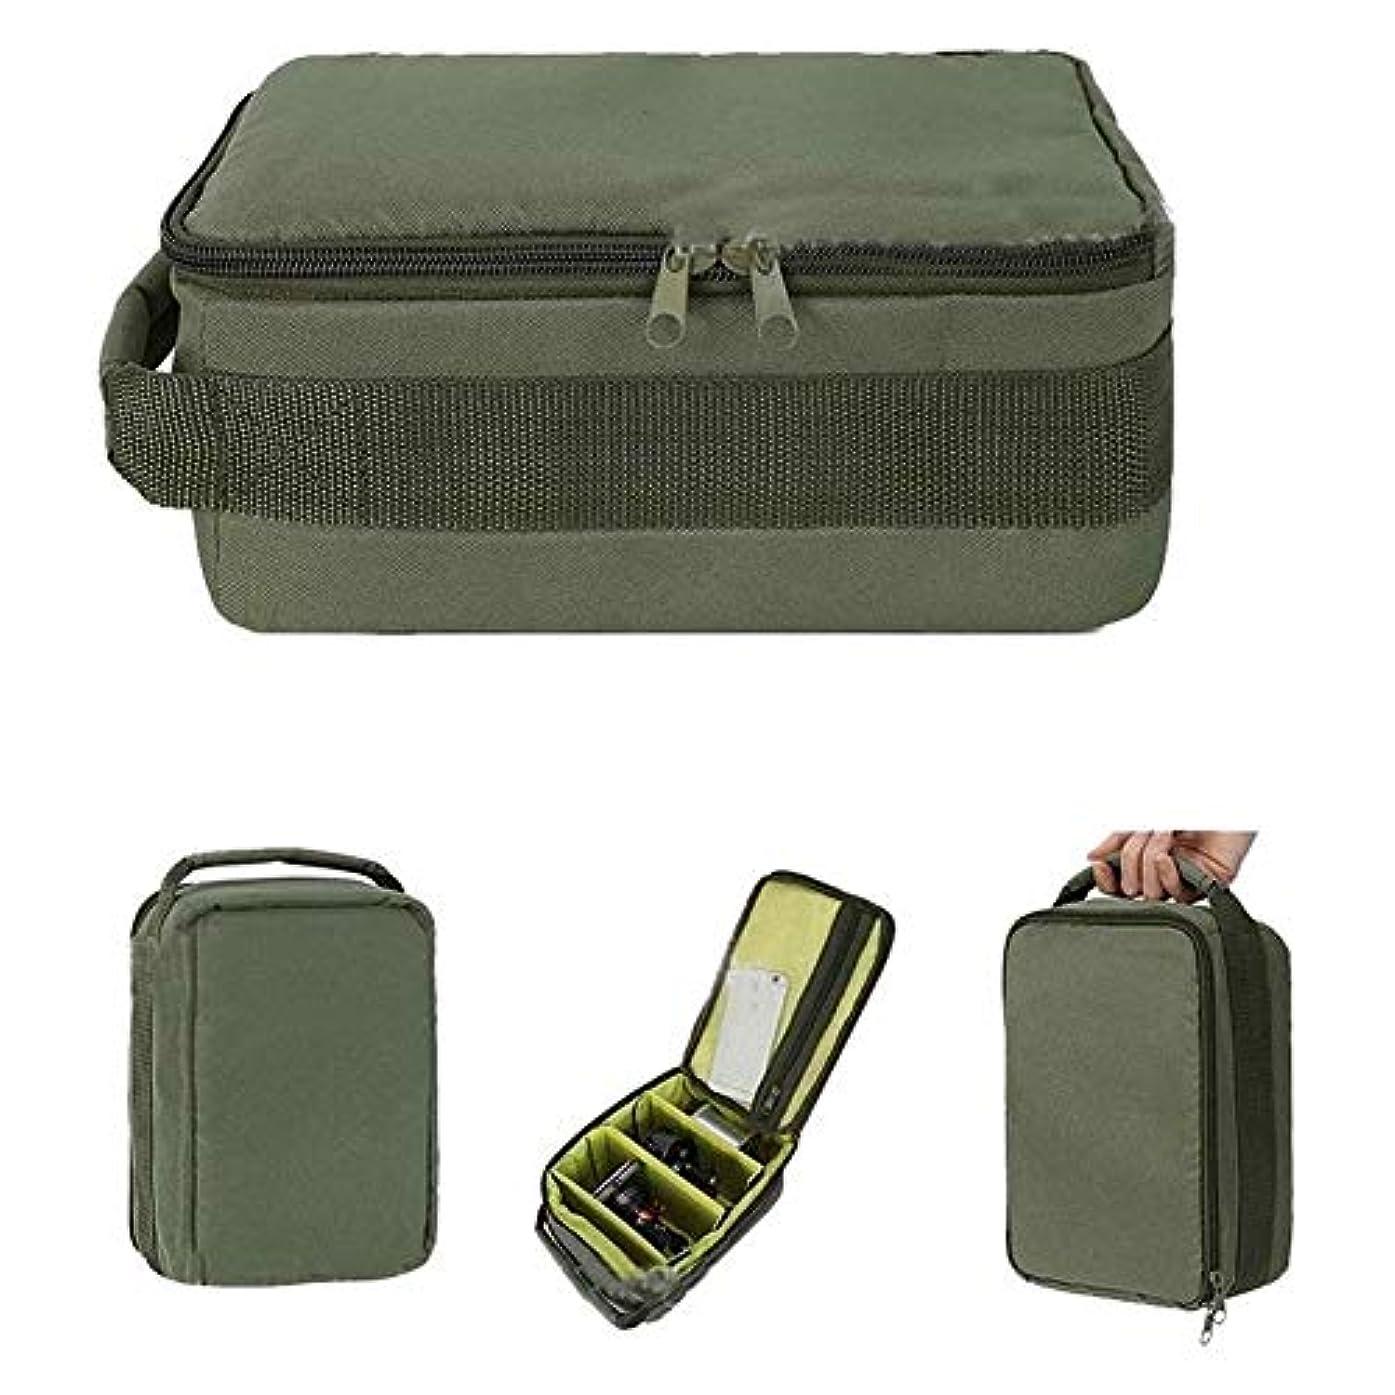 砦パトロンシード屋外釣りボックスボックス餌バッグフィッシュラインパッケージ新しい釣りロールバッグ4層オックスフォード布ハンドルダブルジッパー nta691